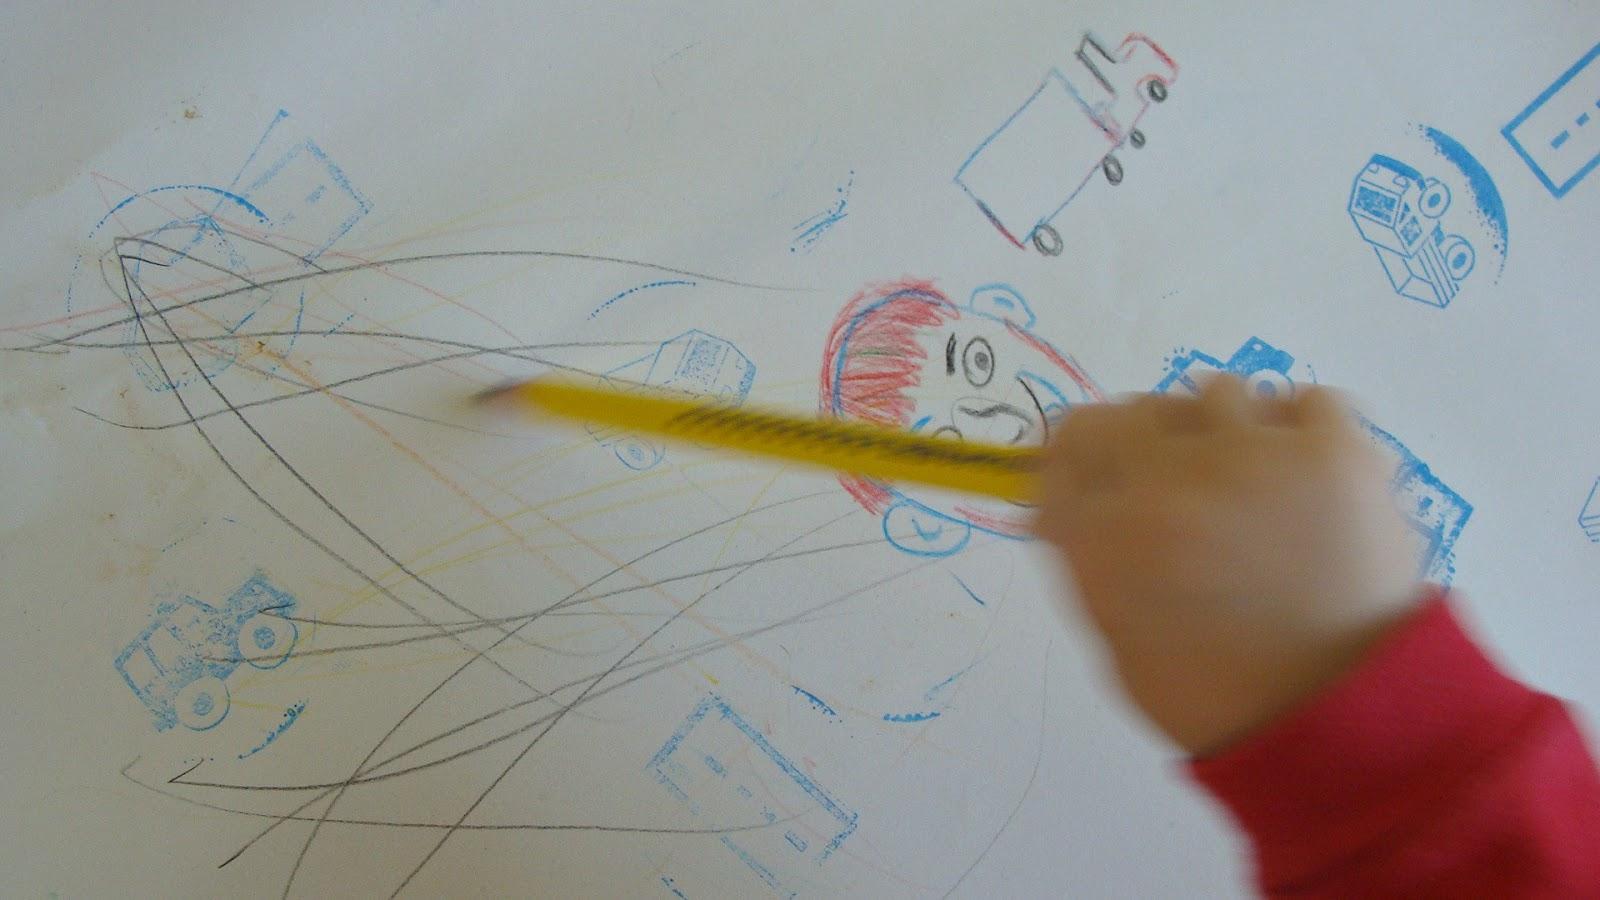 Kącik twórczy dla małego dziecka, malowanie, tworzenie, rysowanie